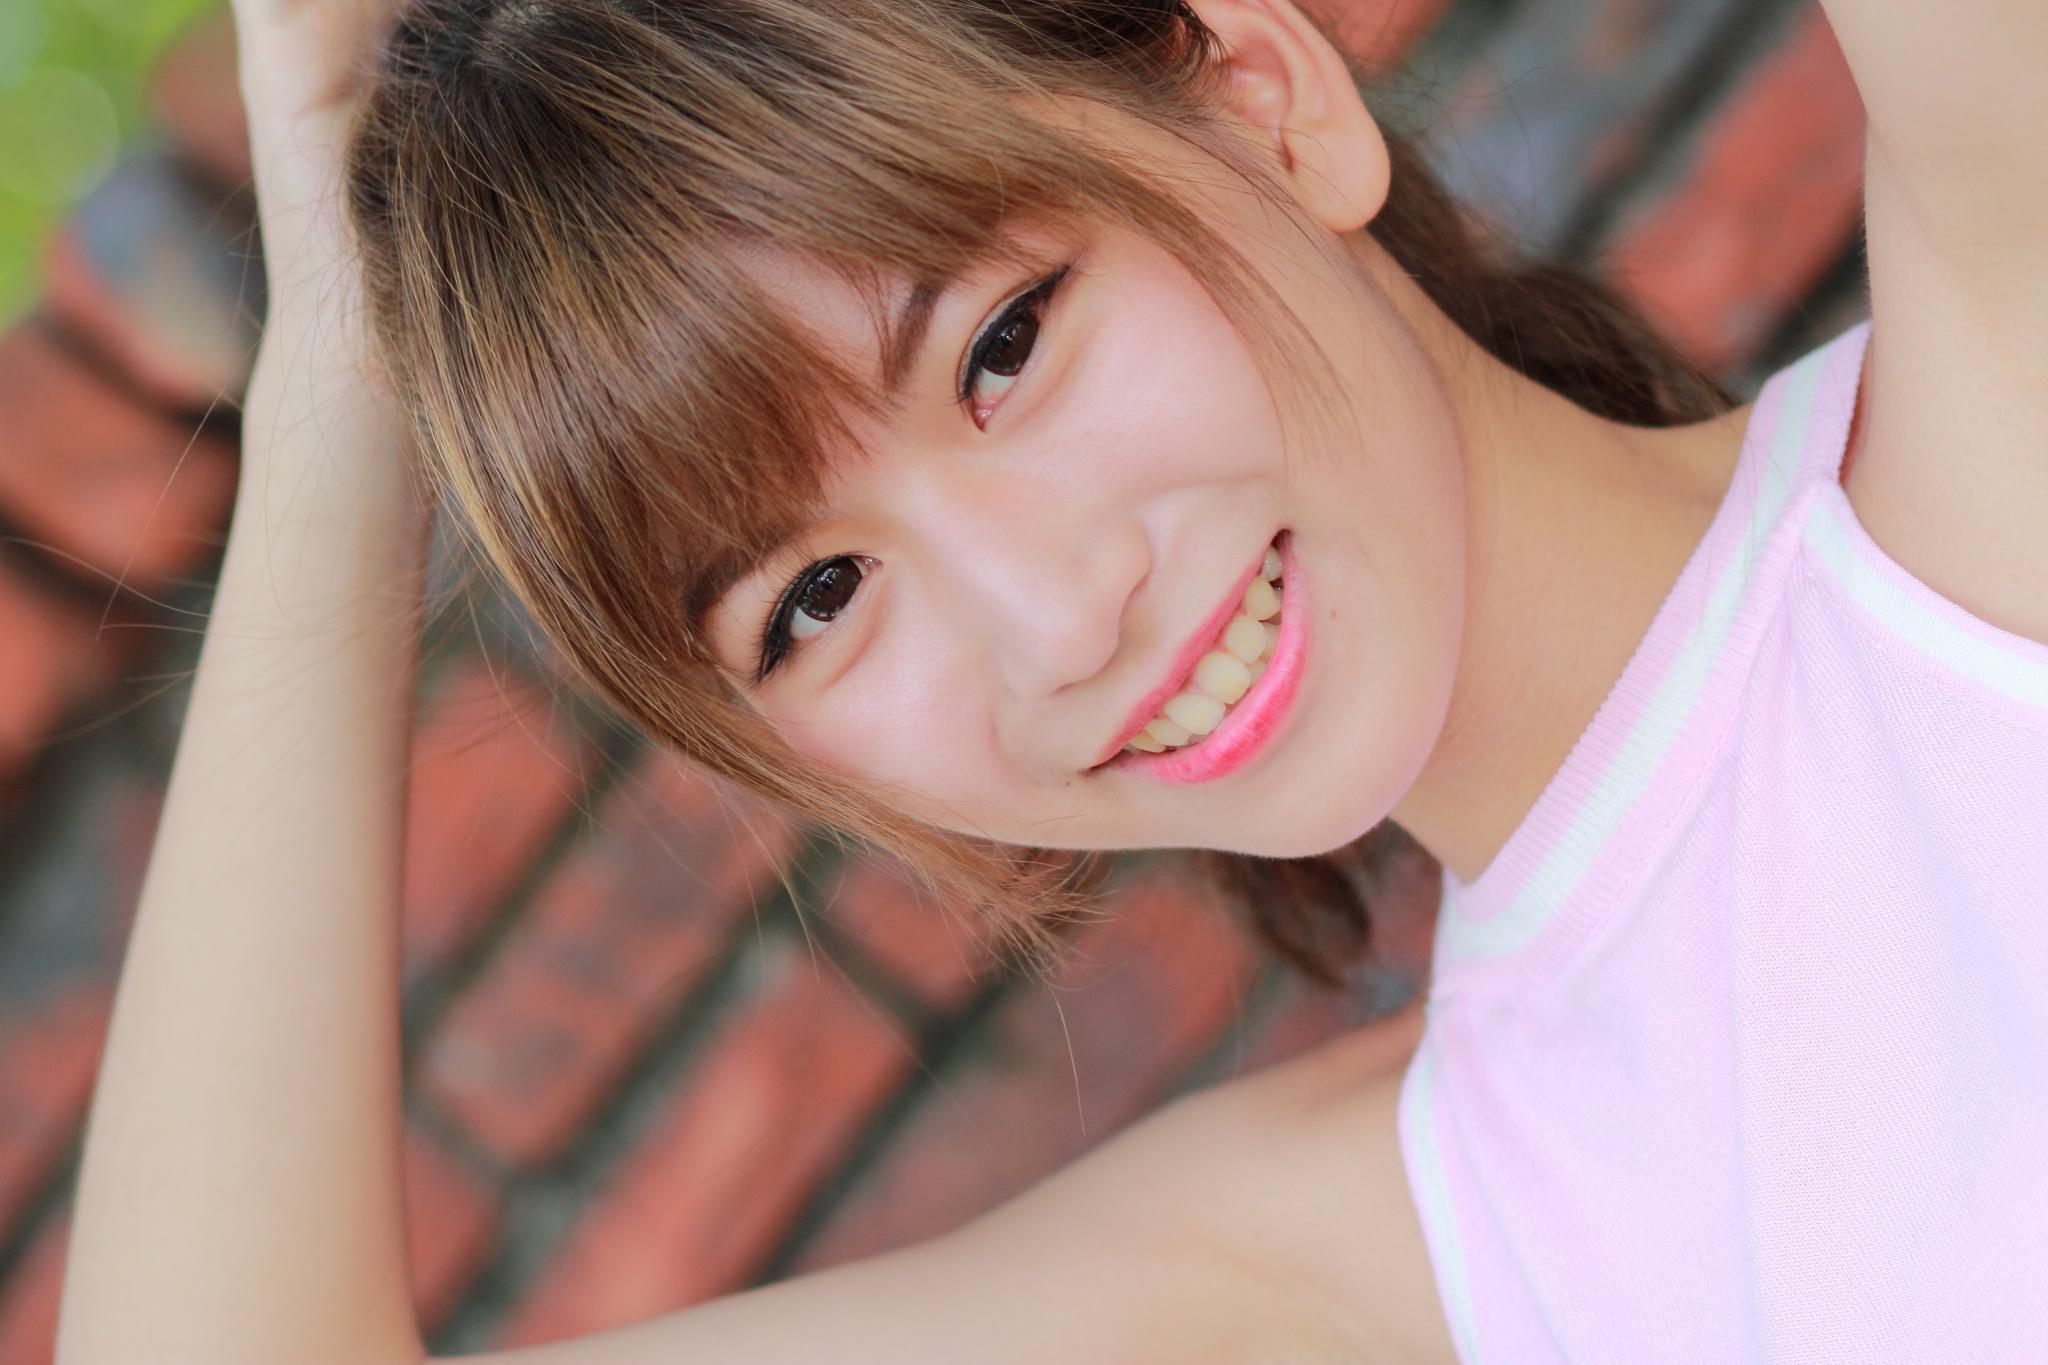 清纯学生妹纯情装扮火辣养眼美女性感图片图片